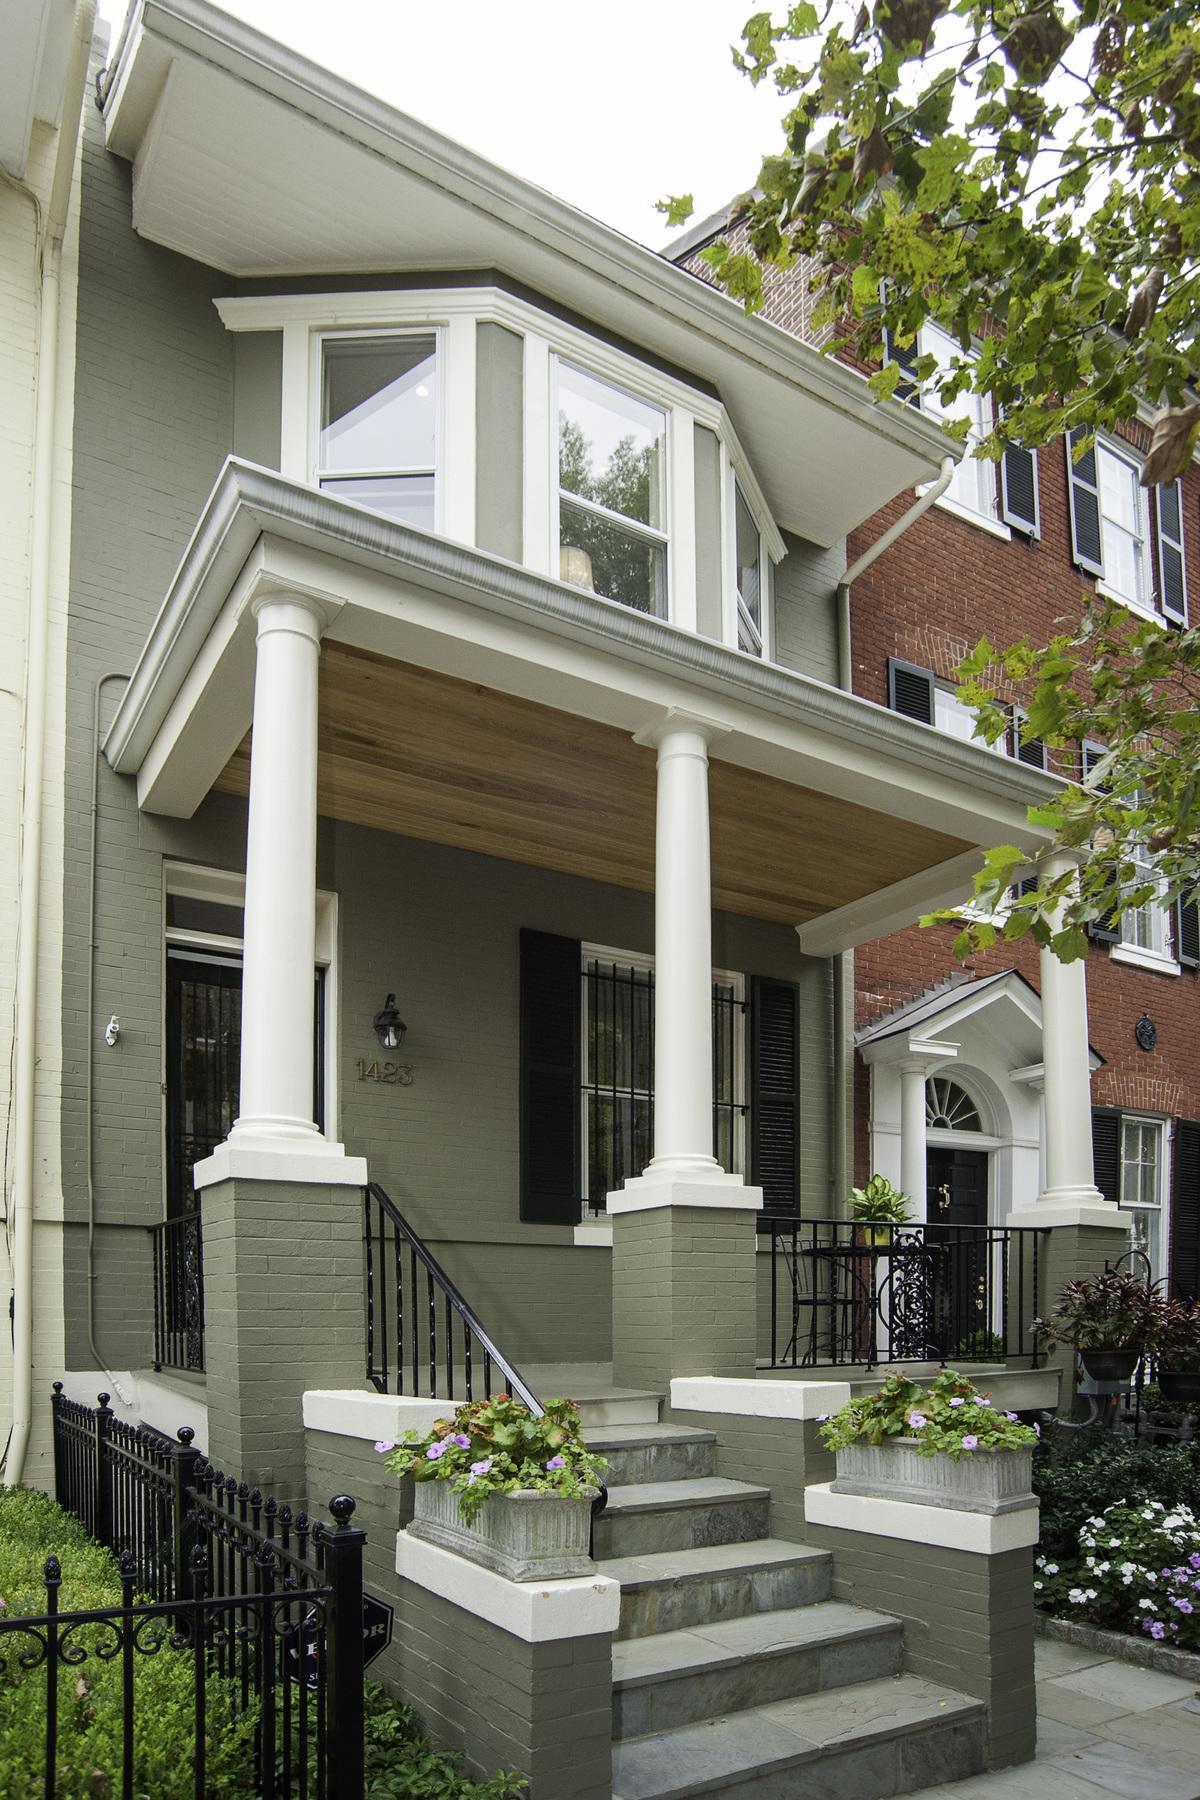 联栋屋 为 销售 在 1423 33rd Street Nw, Washington Georgetown, Washington, 哥伦比亚特区 20007 美国